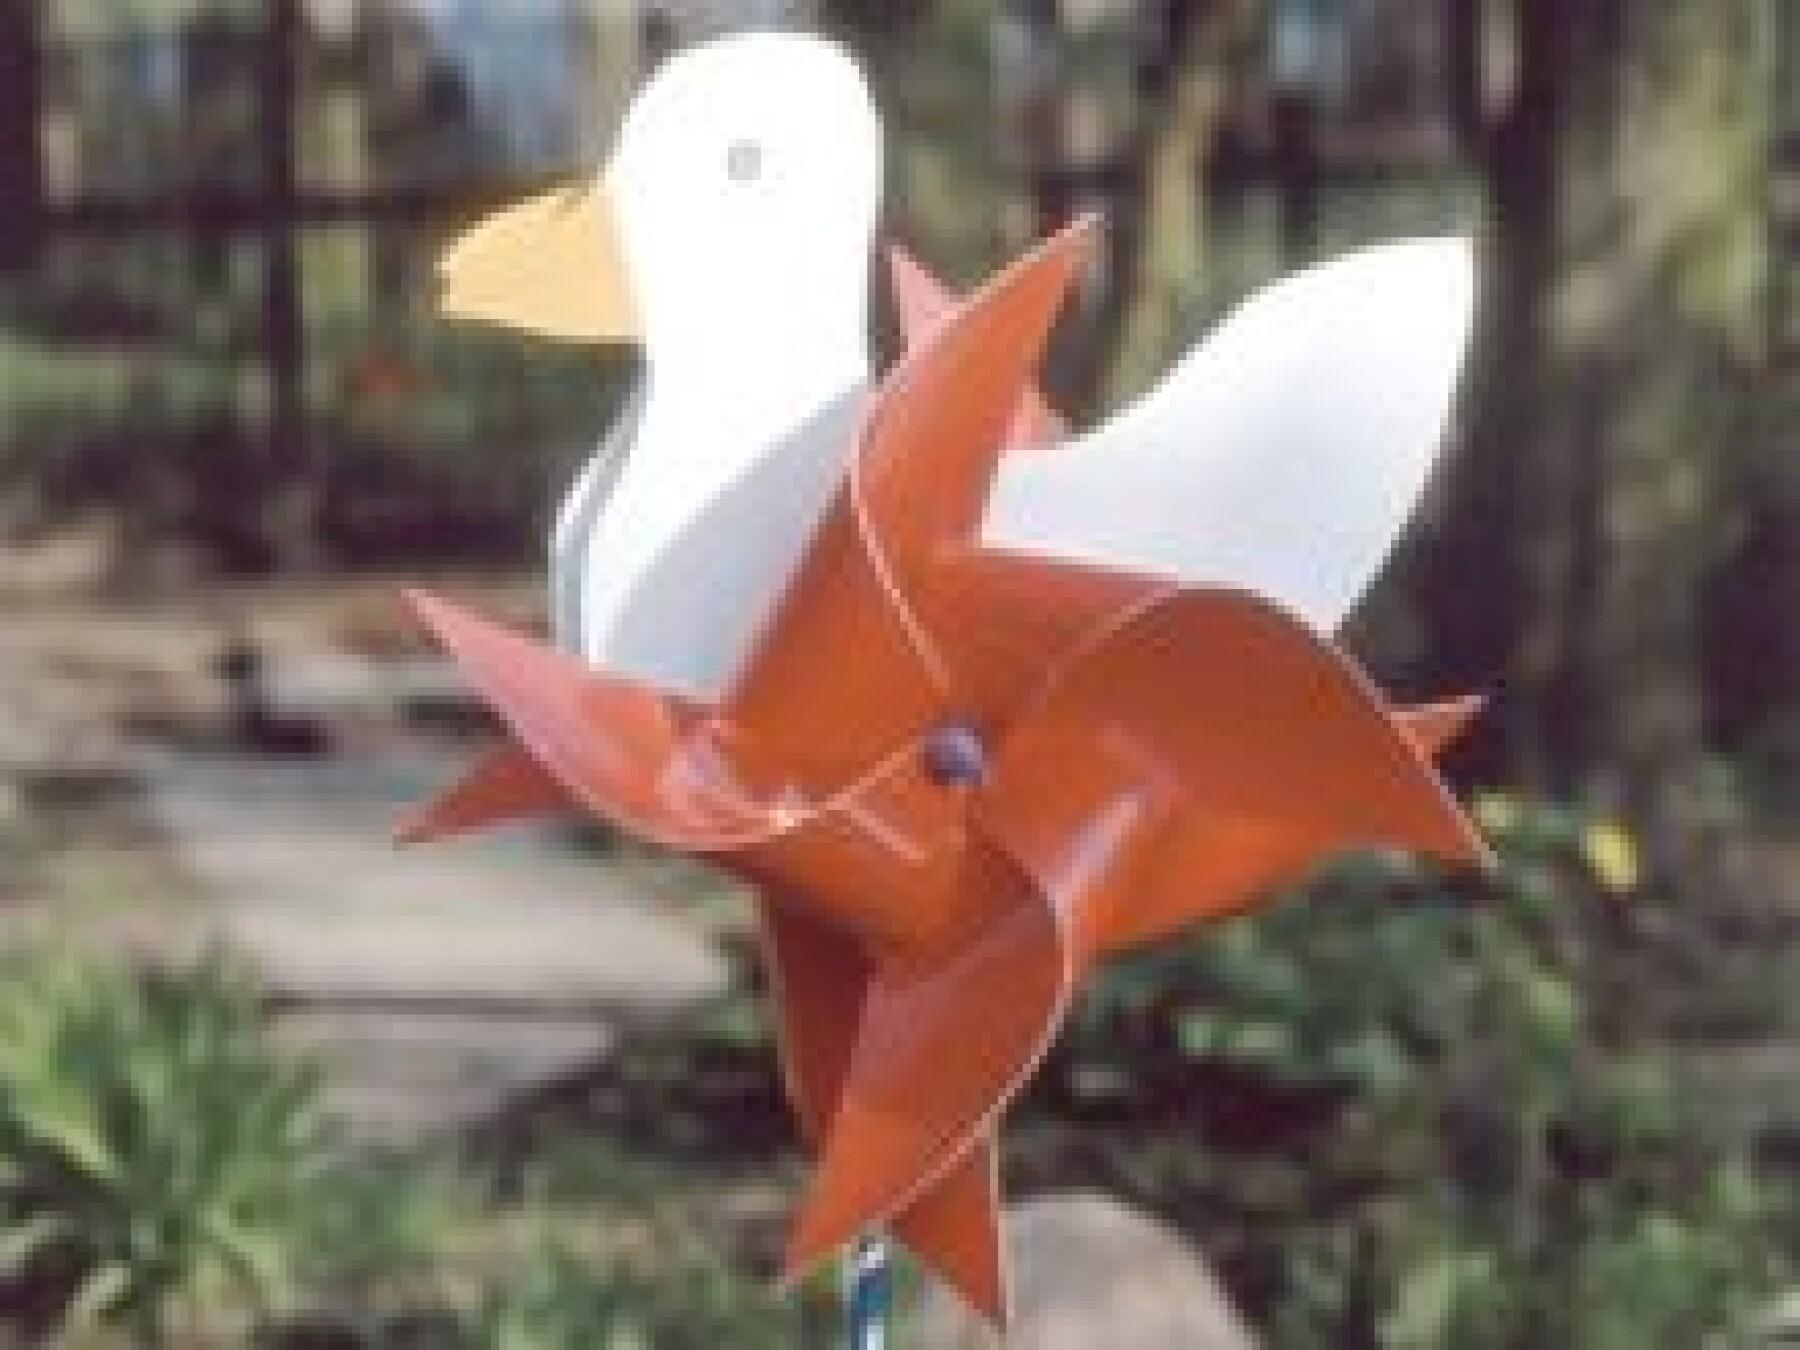 Moulin à vent canard